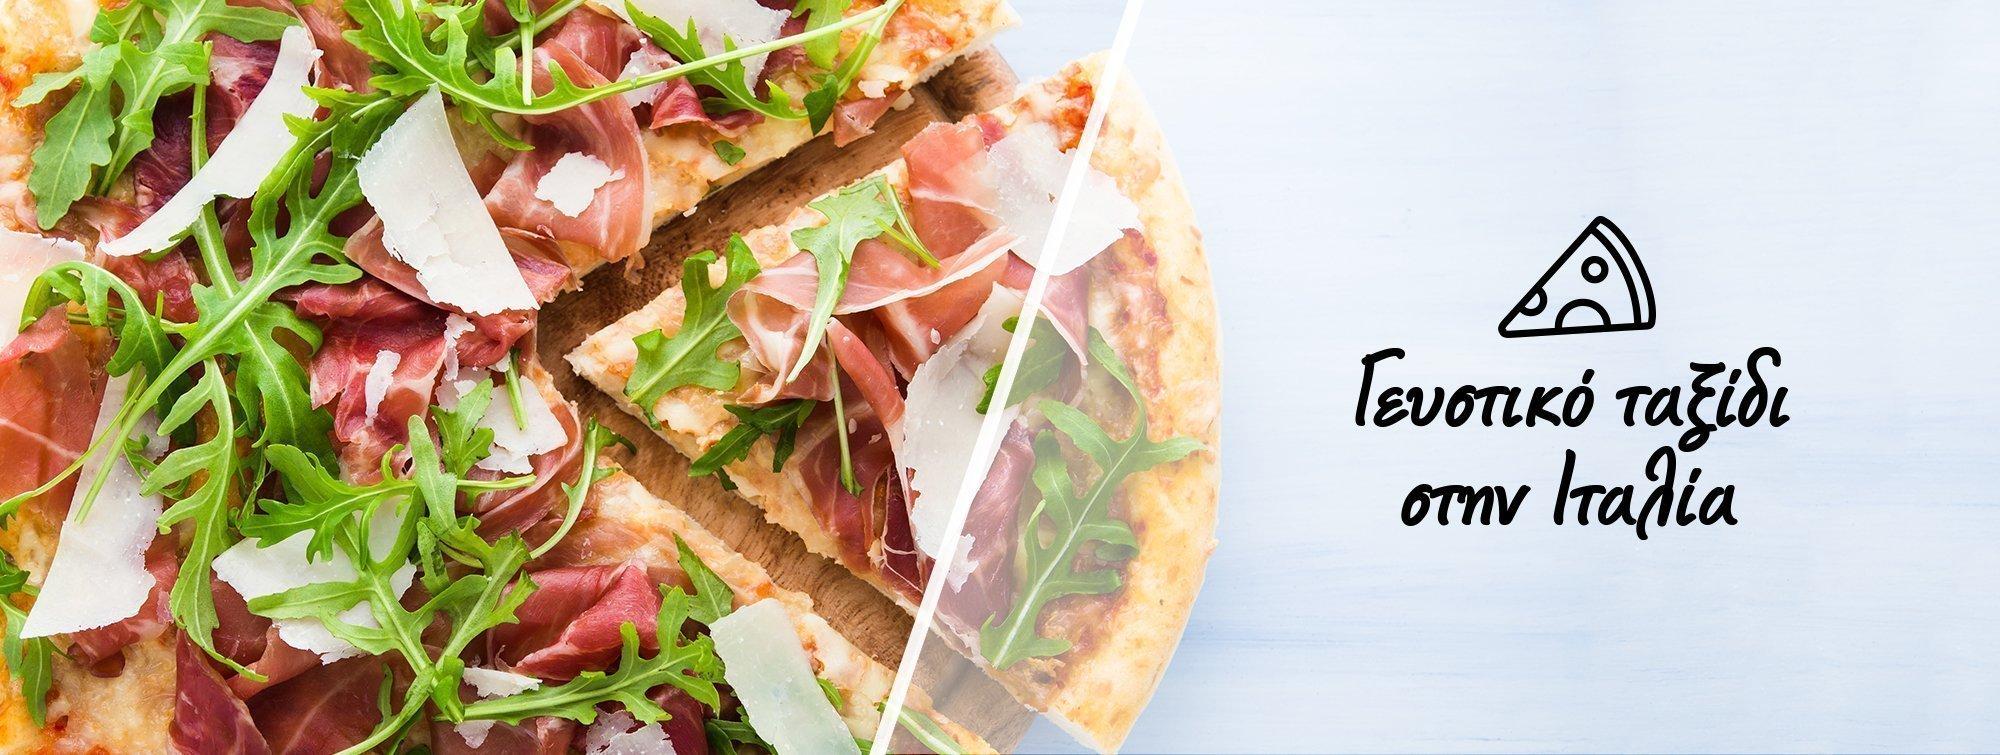 Ένα γευστικό ταξίδι στην Ιταλία από τη Lidl Cyprus!